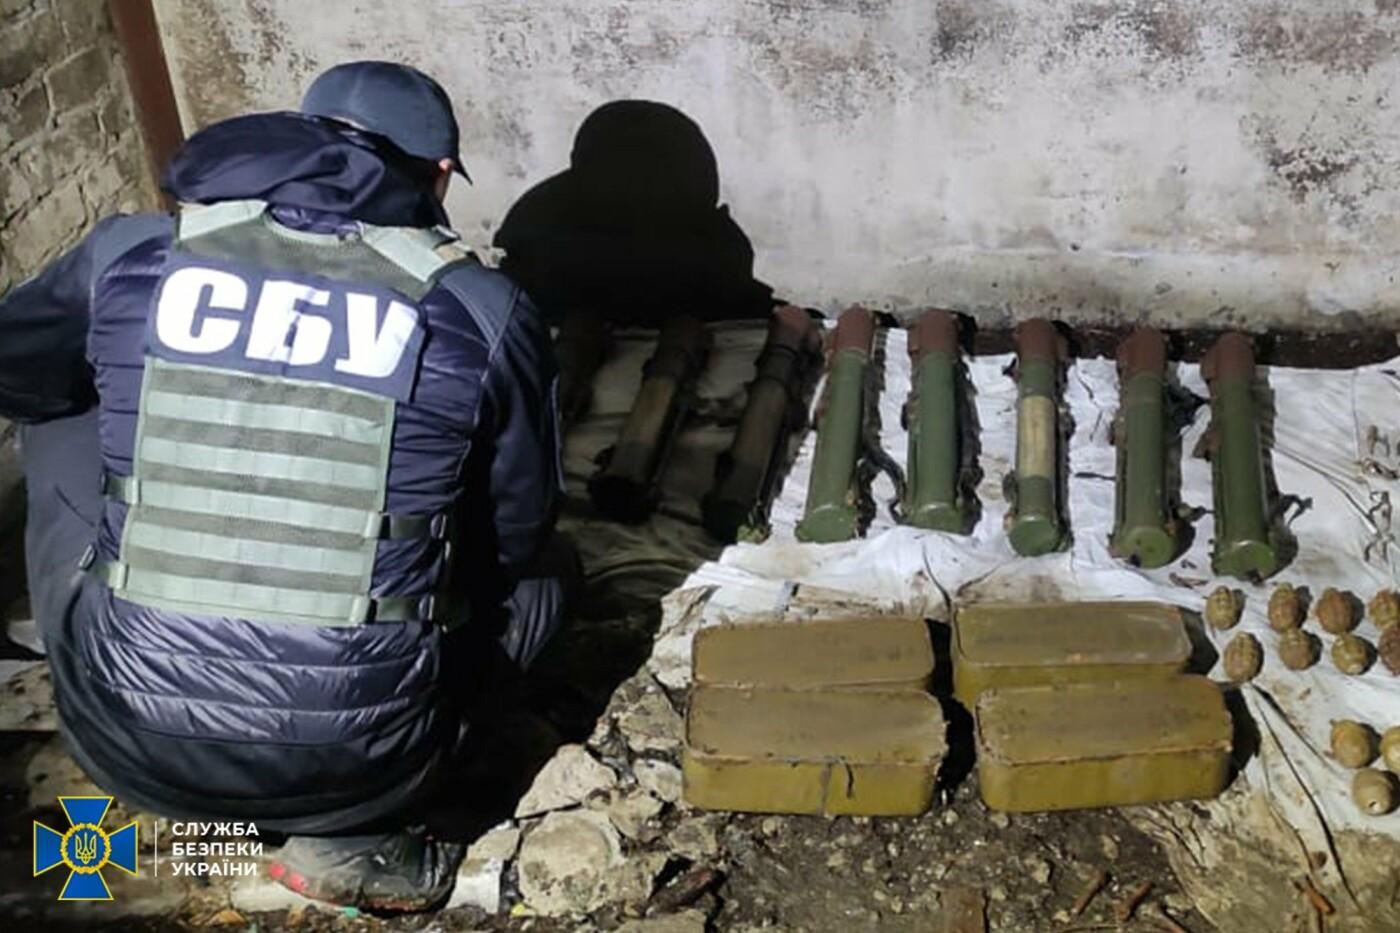 СБУ Сумщини ліквідувала на Донеччині схрон зі зброєю, залишений бойовиками угруповання терориста Гіркіна , фото-2